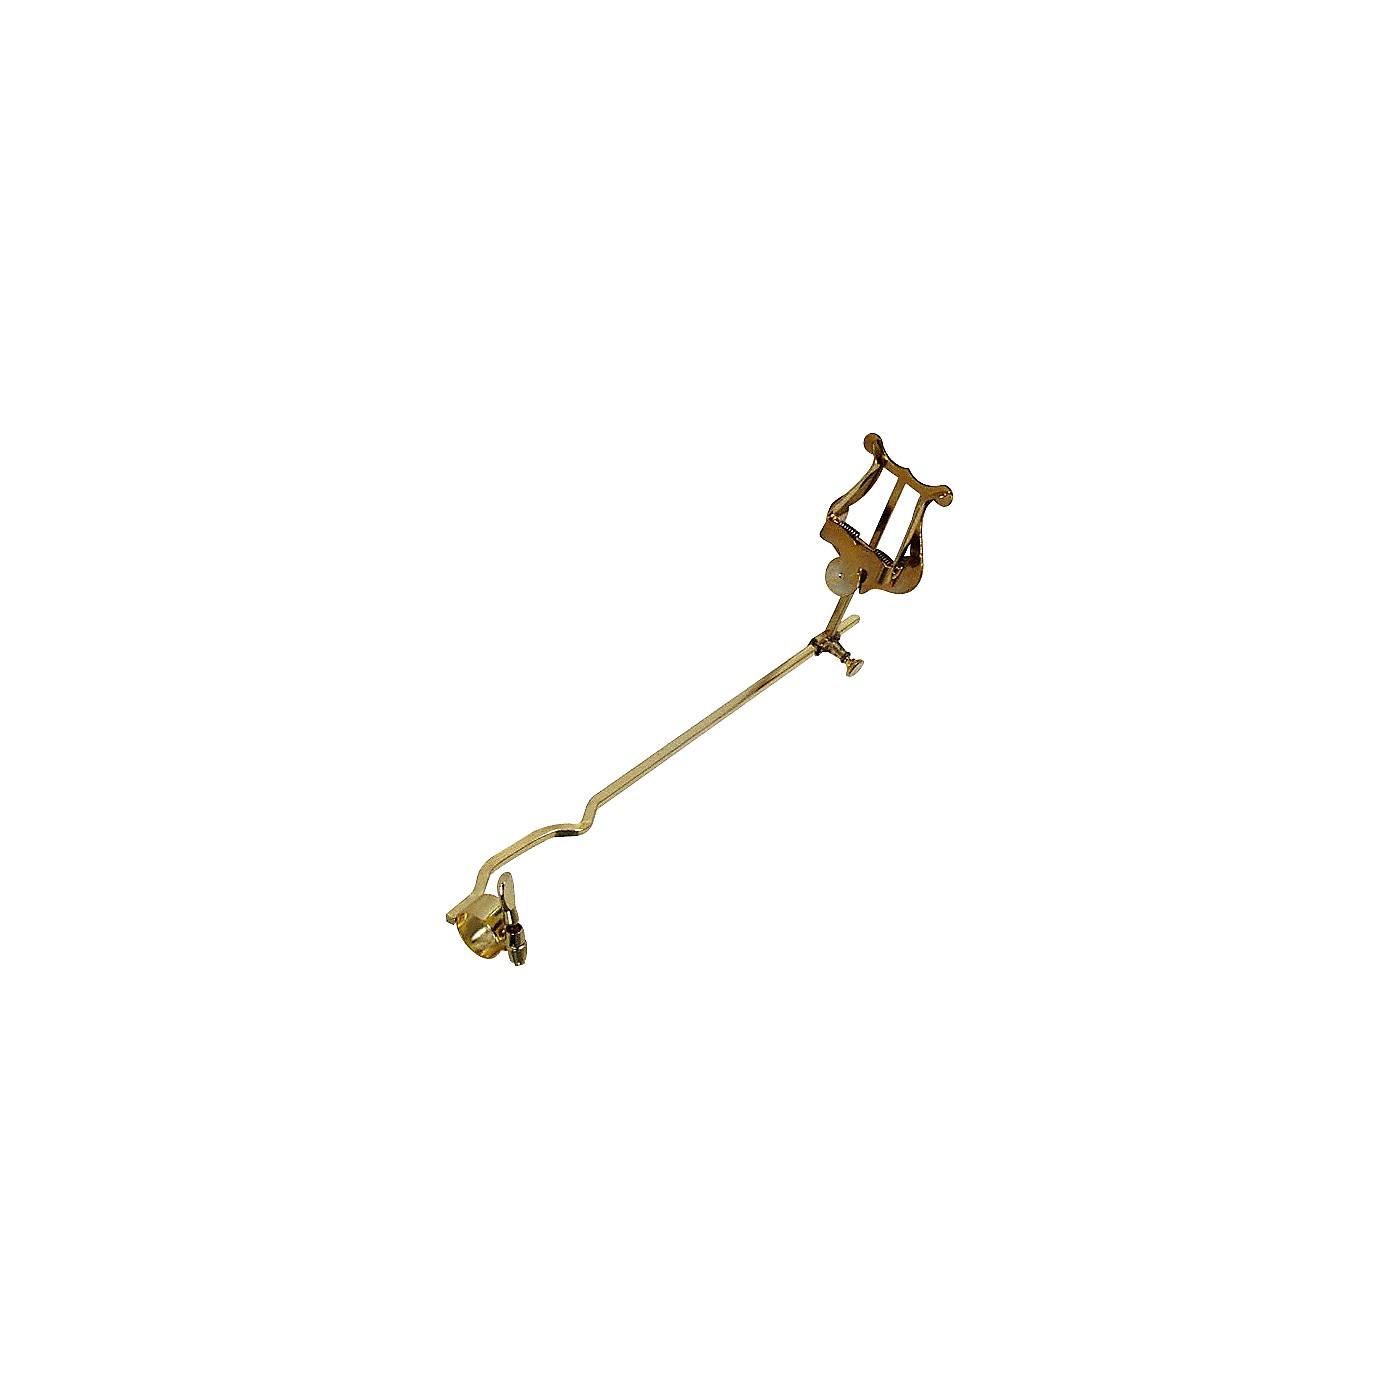 Standard Large Bore Trombone Marching Lyre thumbnail